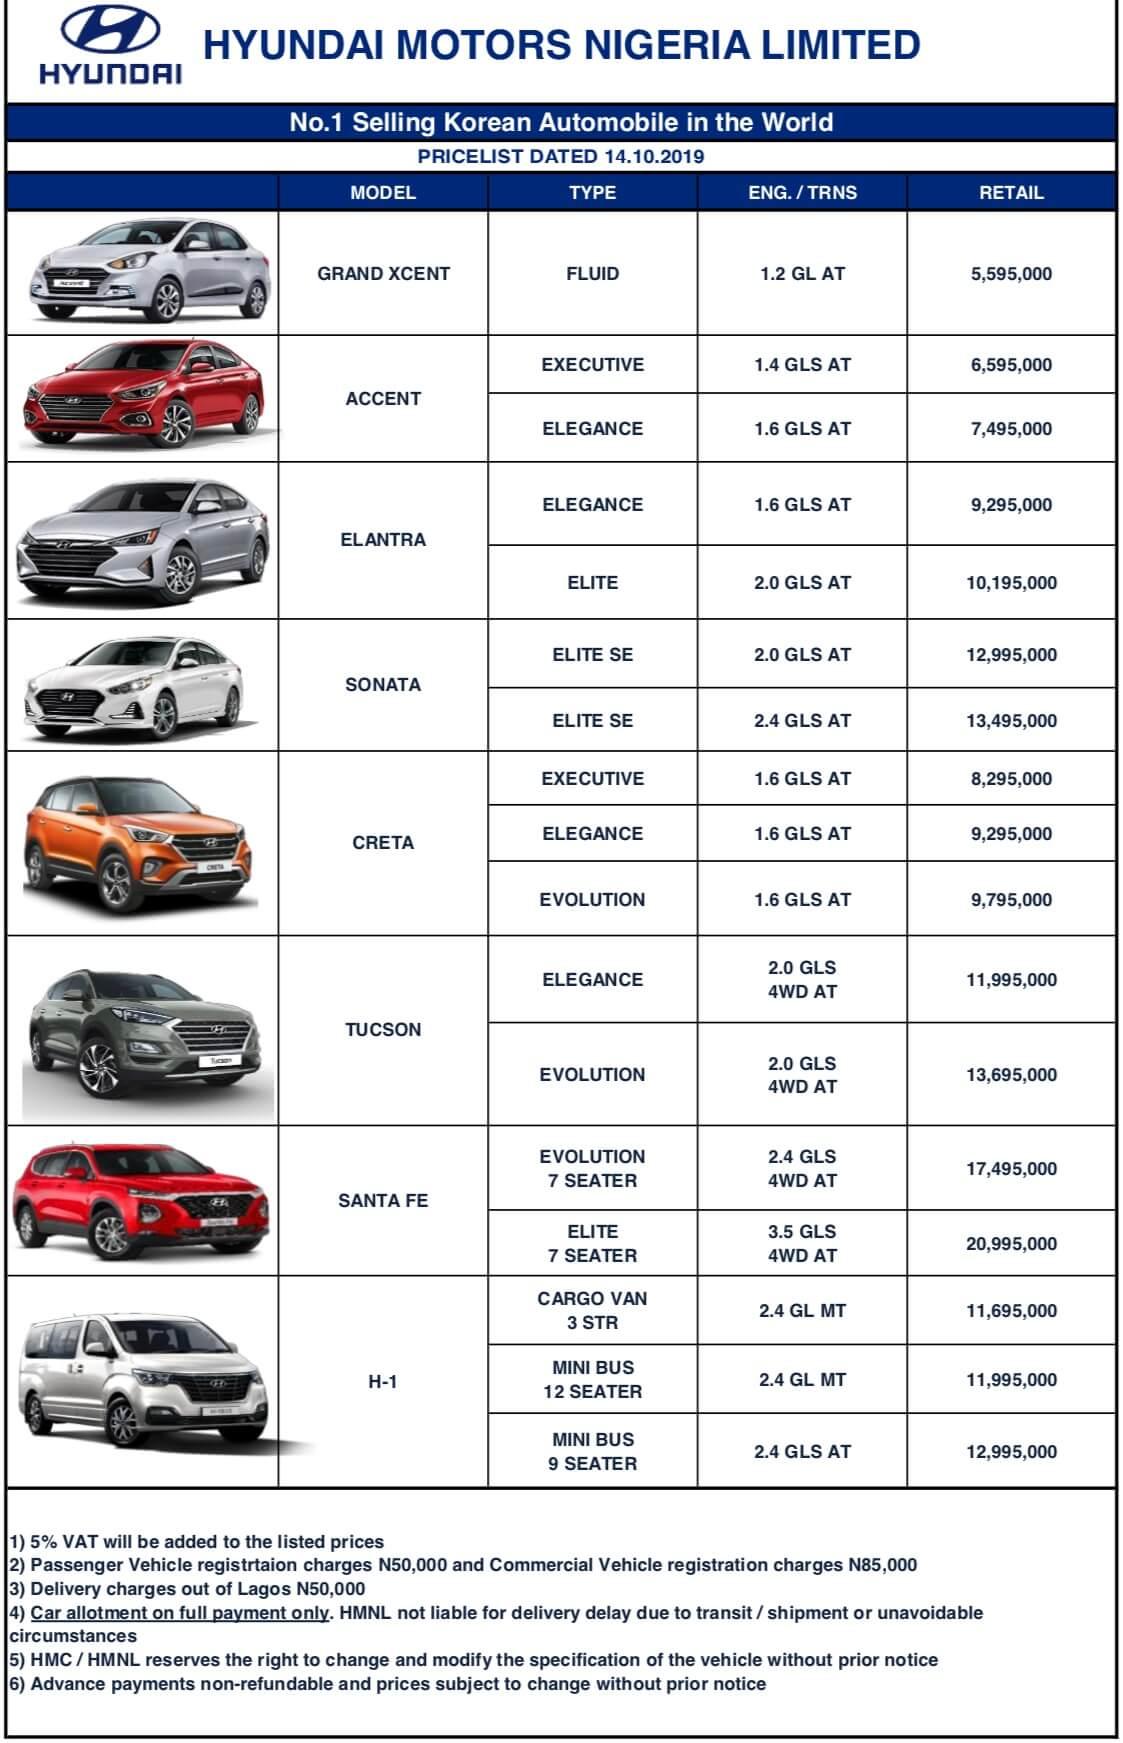 Hyundai Cars And Their Prices - AutoJosh